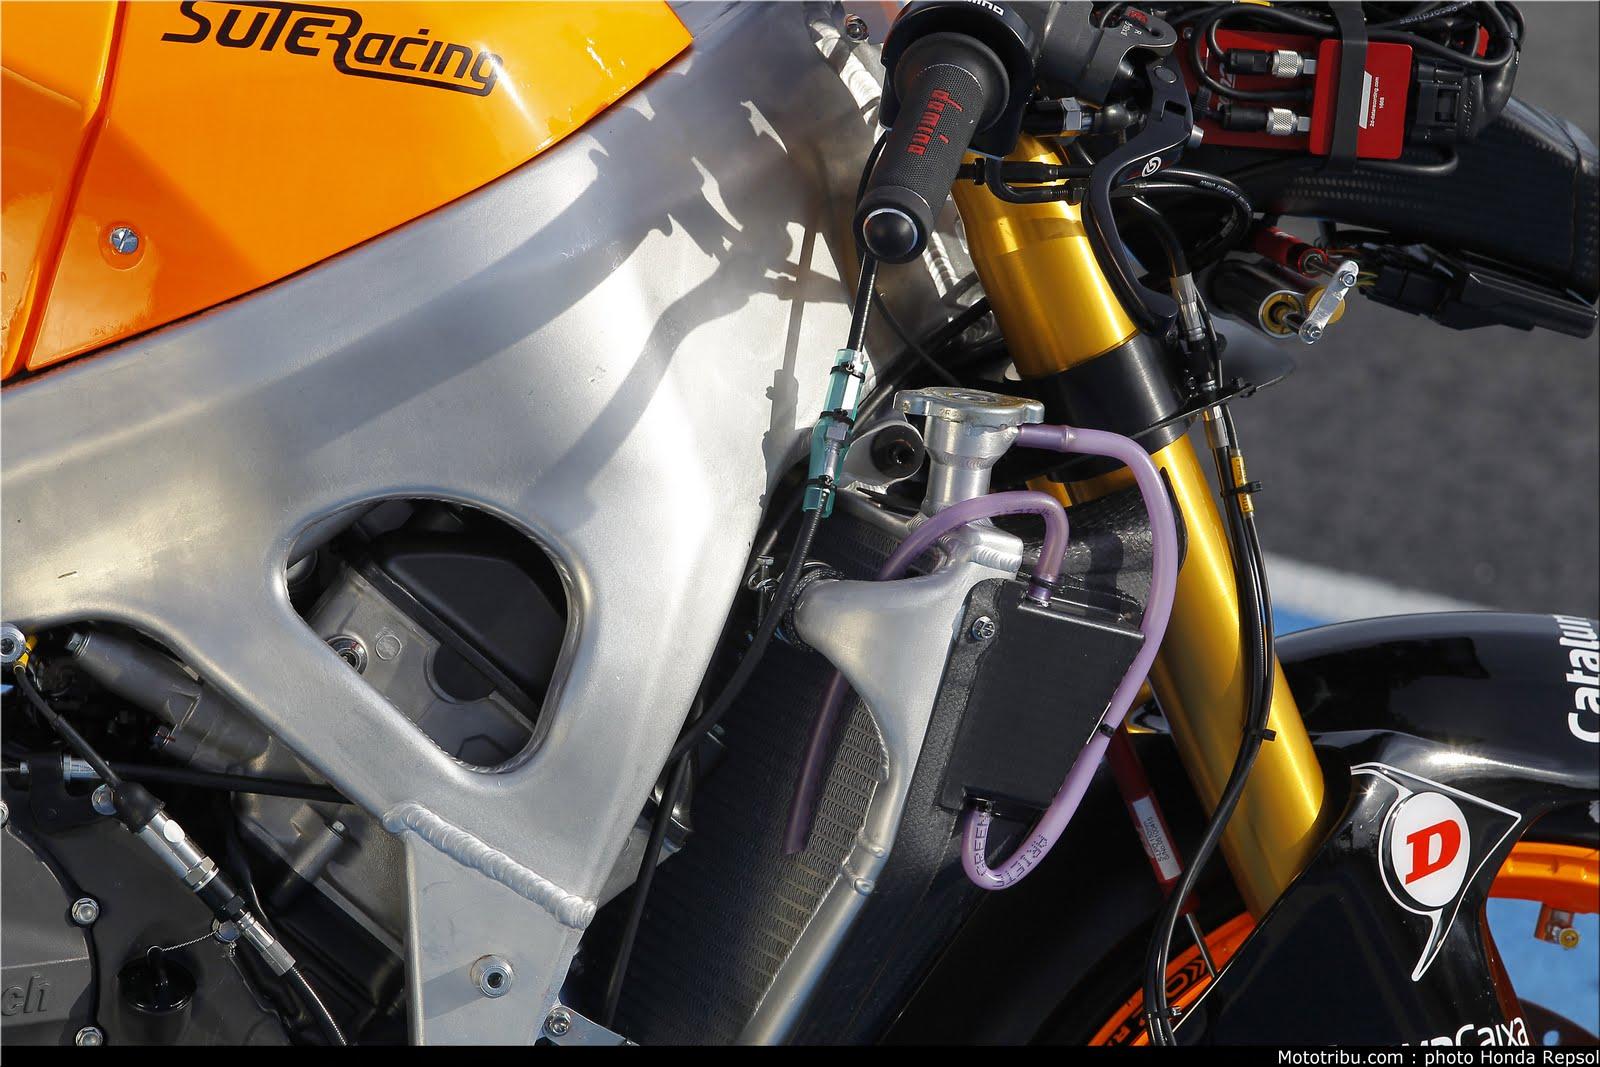 Machines de courses ( Race bikes ) - Page 6 Suter%2BMMX%2BMarquez%2B2011%2B10